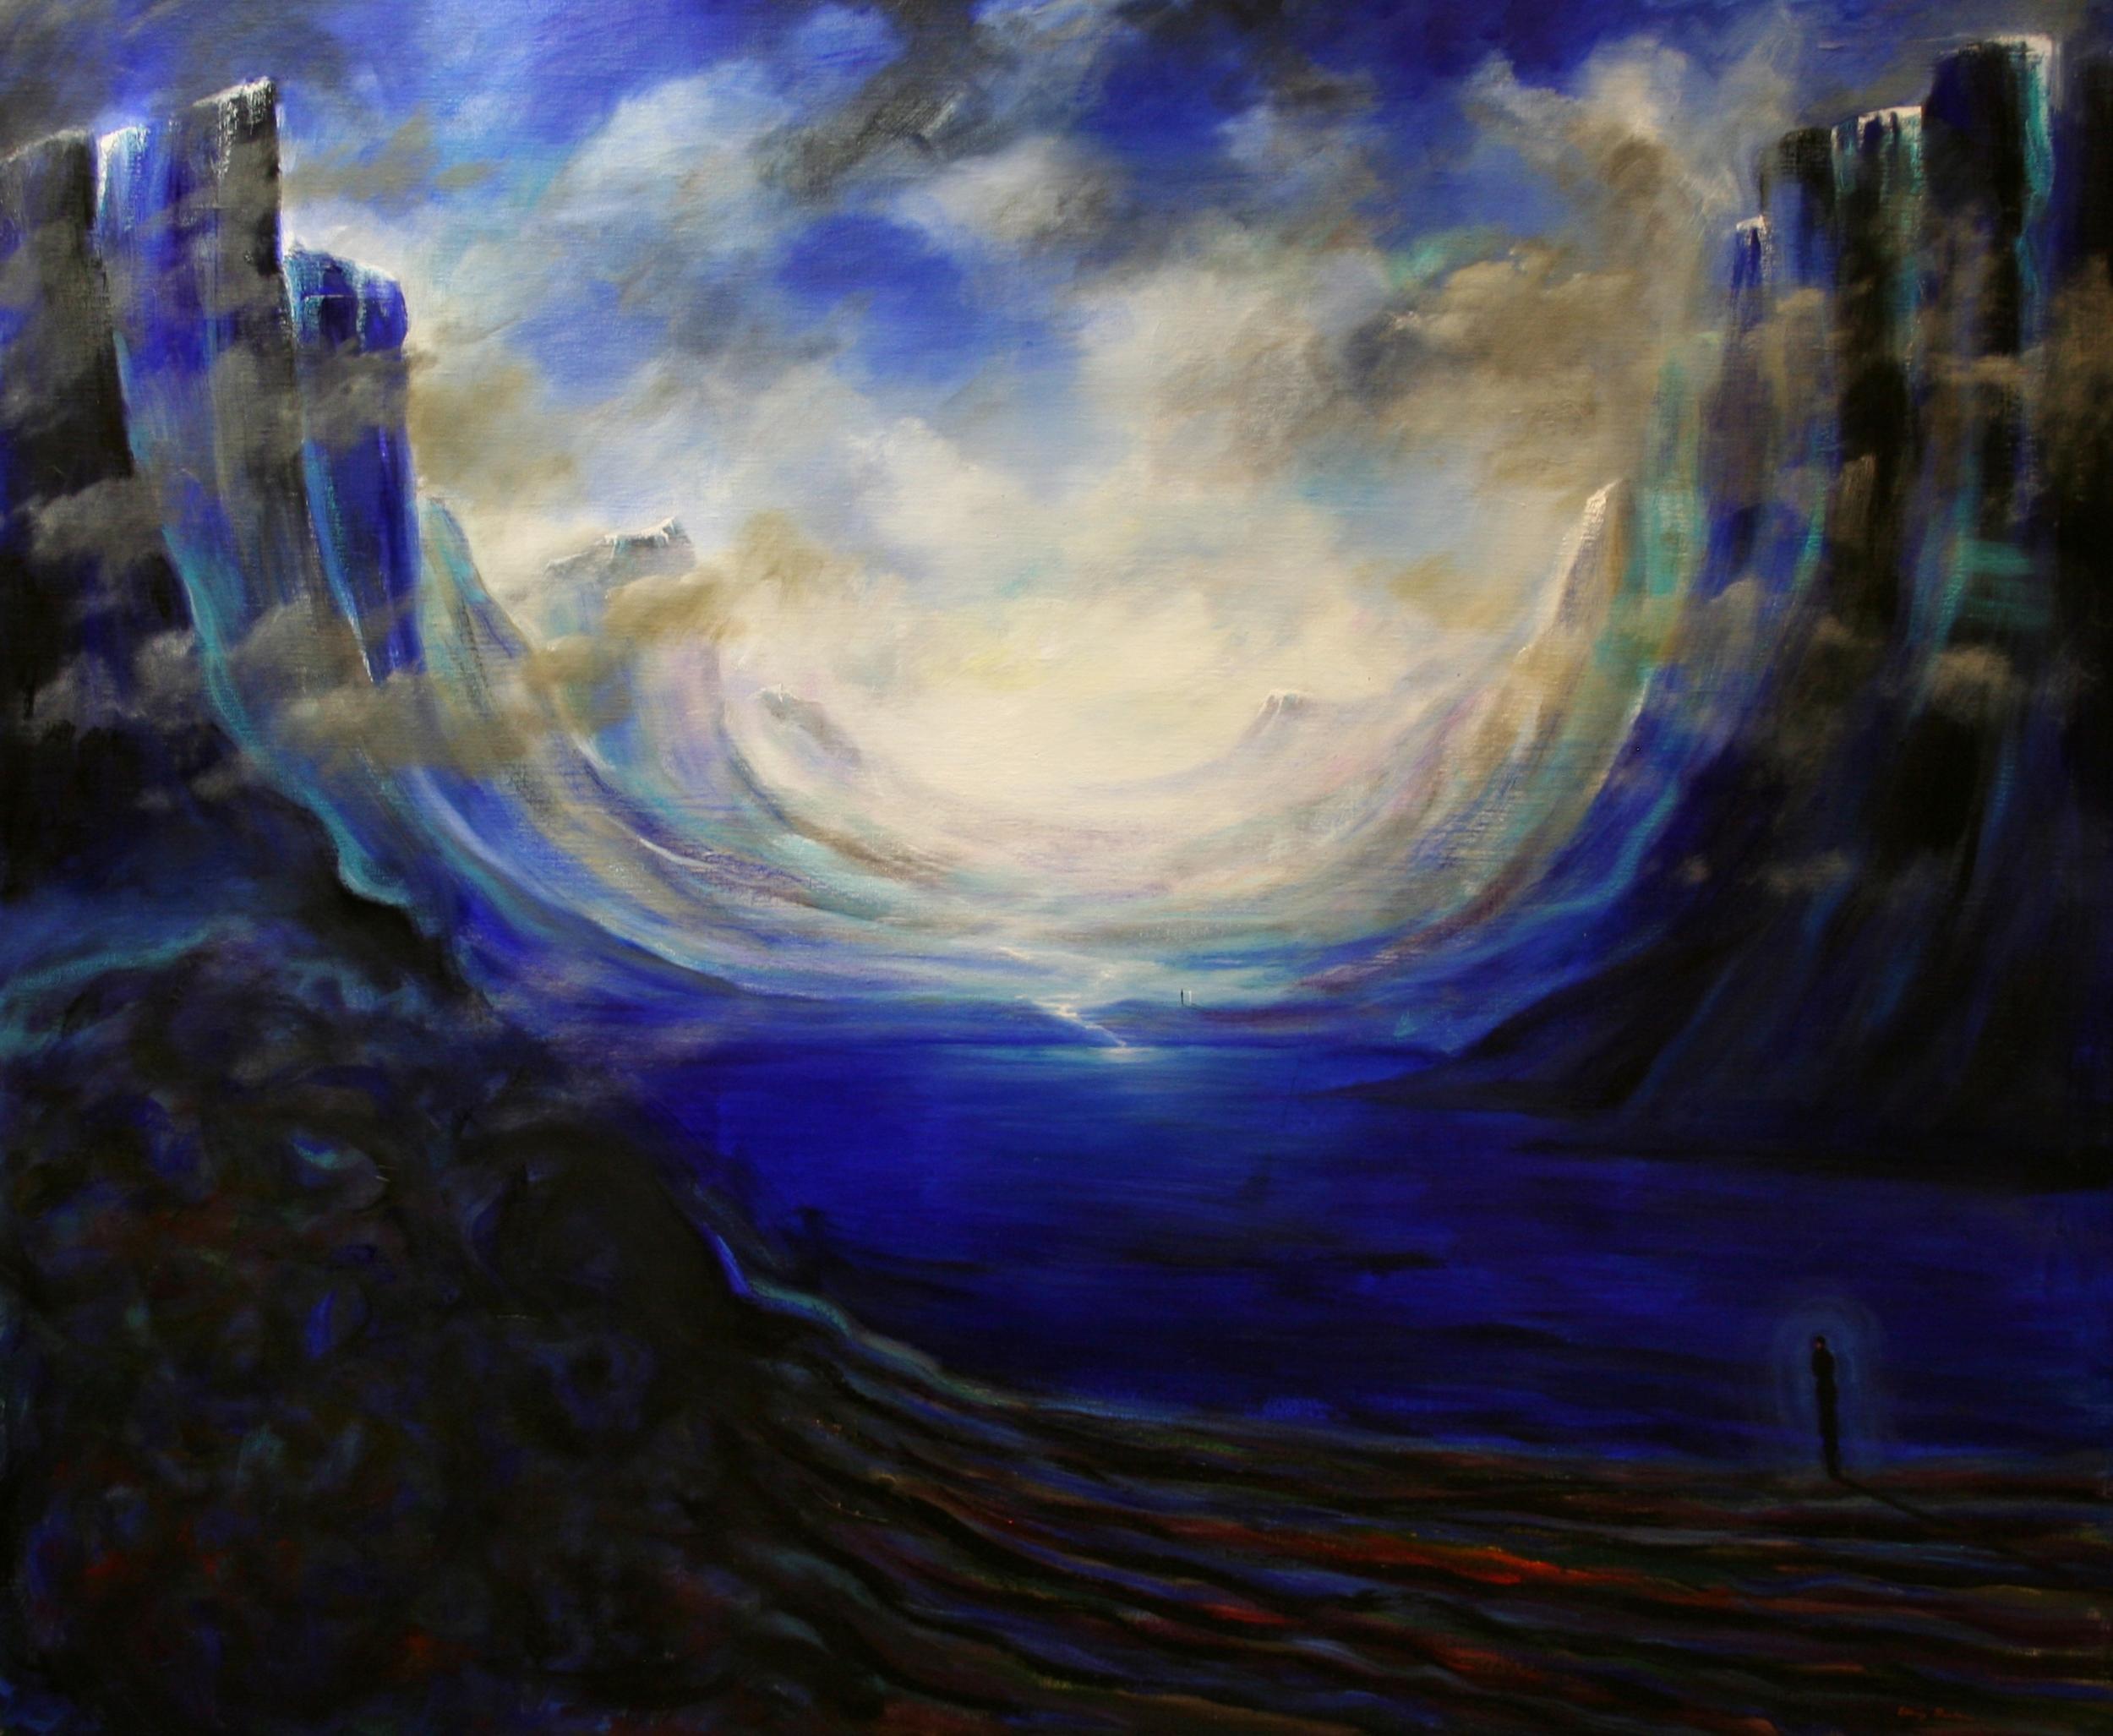 Nordic Noir 100 x 120 cm Oil on Canvas